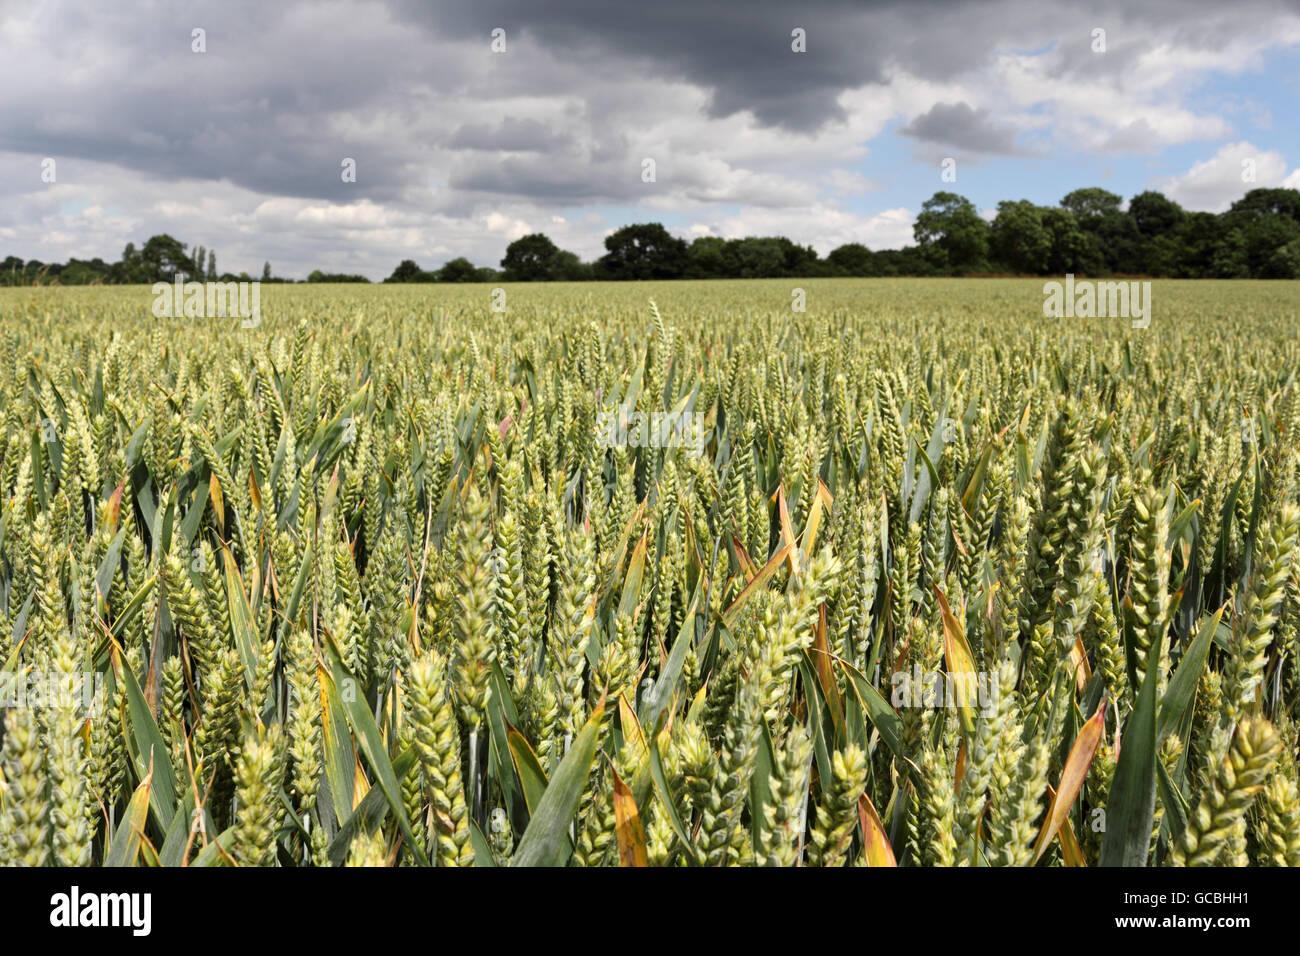 Fattoria Rushett campo di grano nella campagna del Surrey a Malden Rushett, Inghilterra, Regno Unito. Immagini Stock